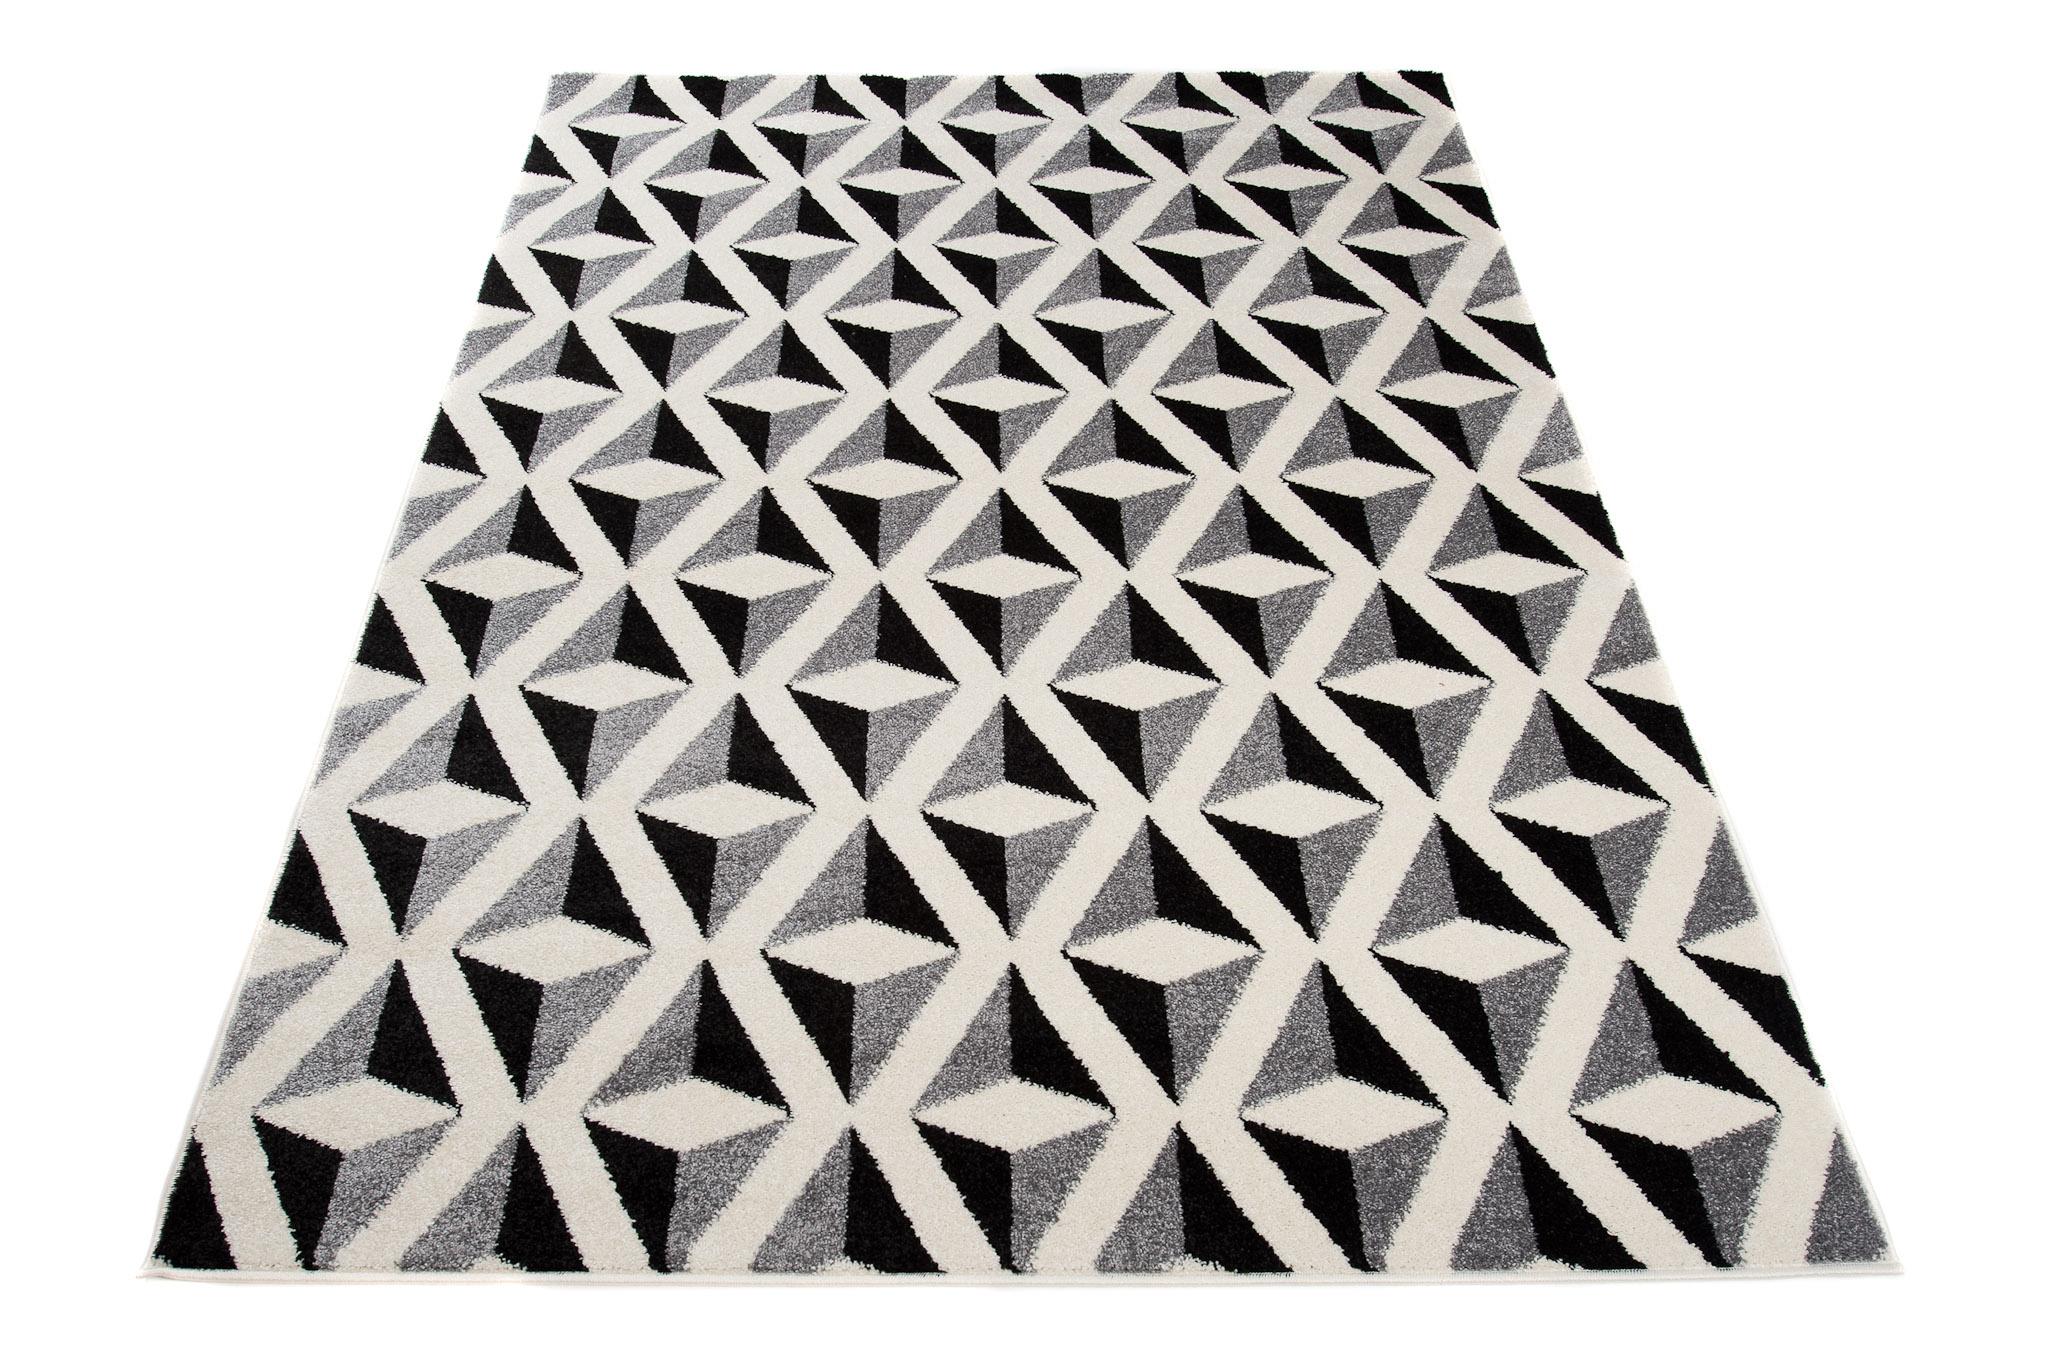 tapiso teppiche geometrische muster zick zack 3d karo kurzflor teppich modern meliert wohnzimmer. Black Bedroom Furniture Sets. Home Design Ideas